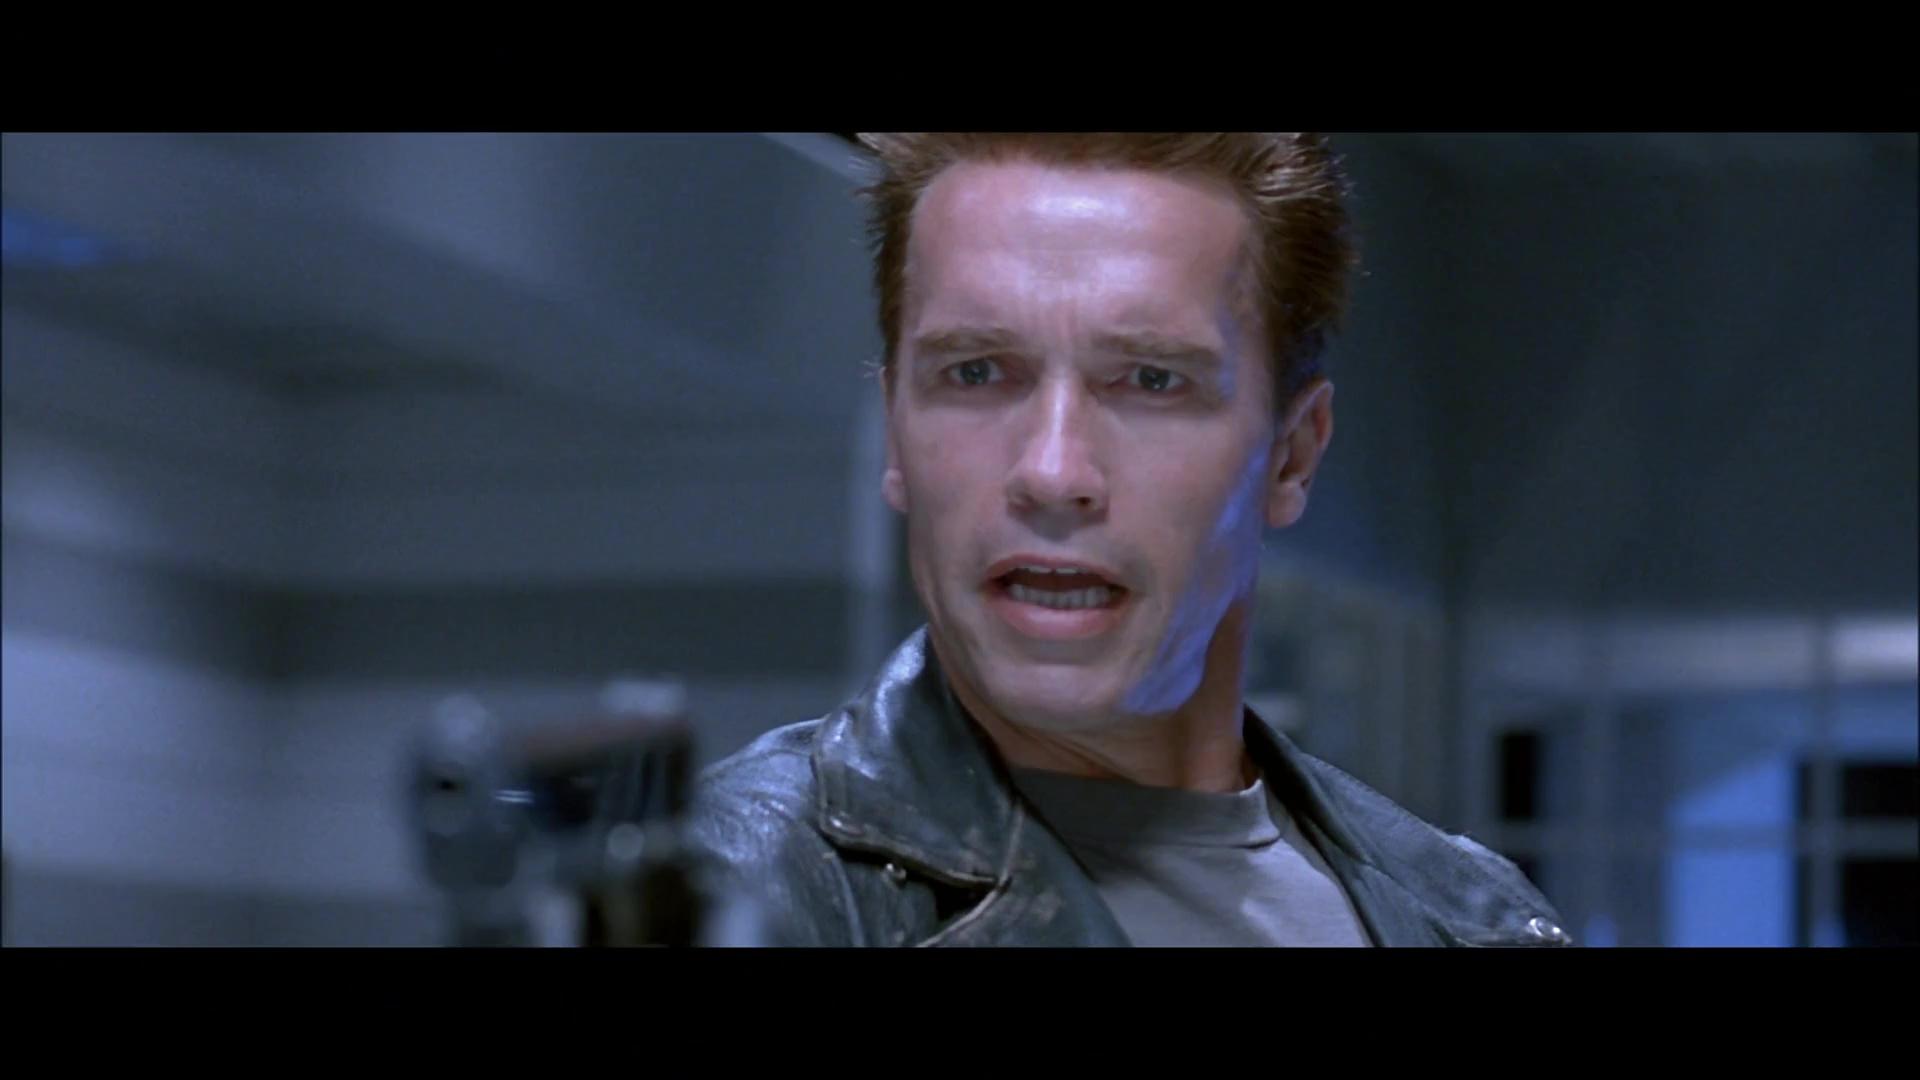 El Exterminador 2 El Dia Del Juicio 1080p Lat-Cast-Ing 5.1 (1991)